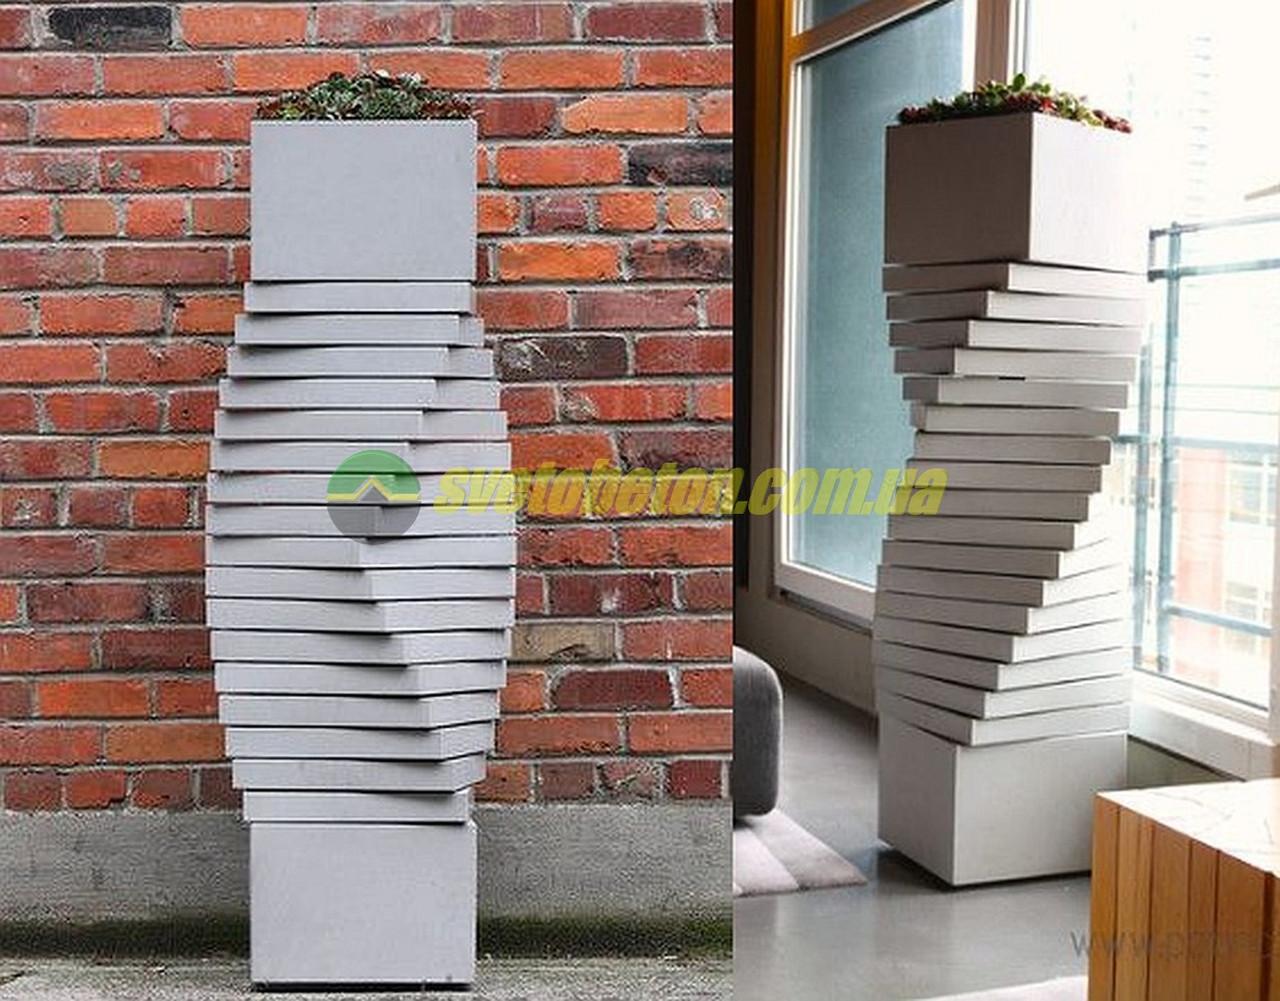 Изготовление интерьерных аксессуаров из бетона на заказ в офис настольный декор diy по чертежам.